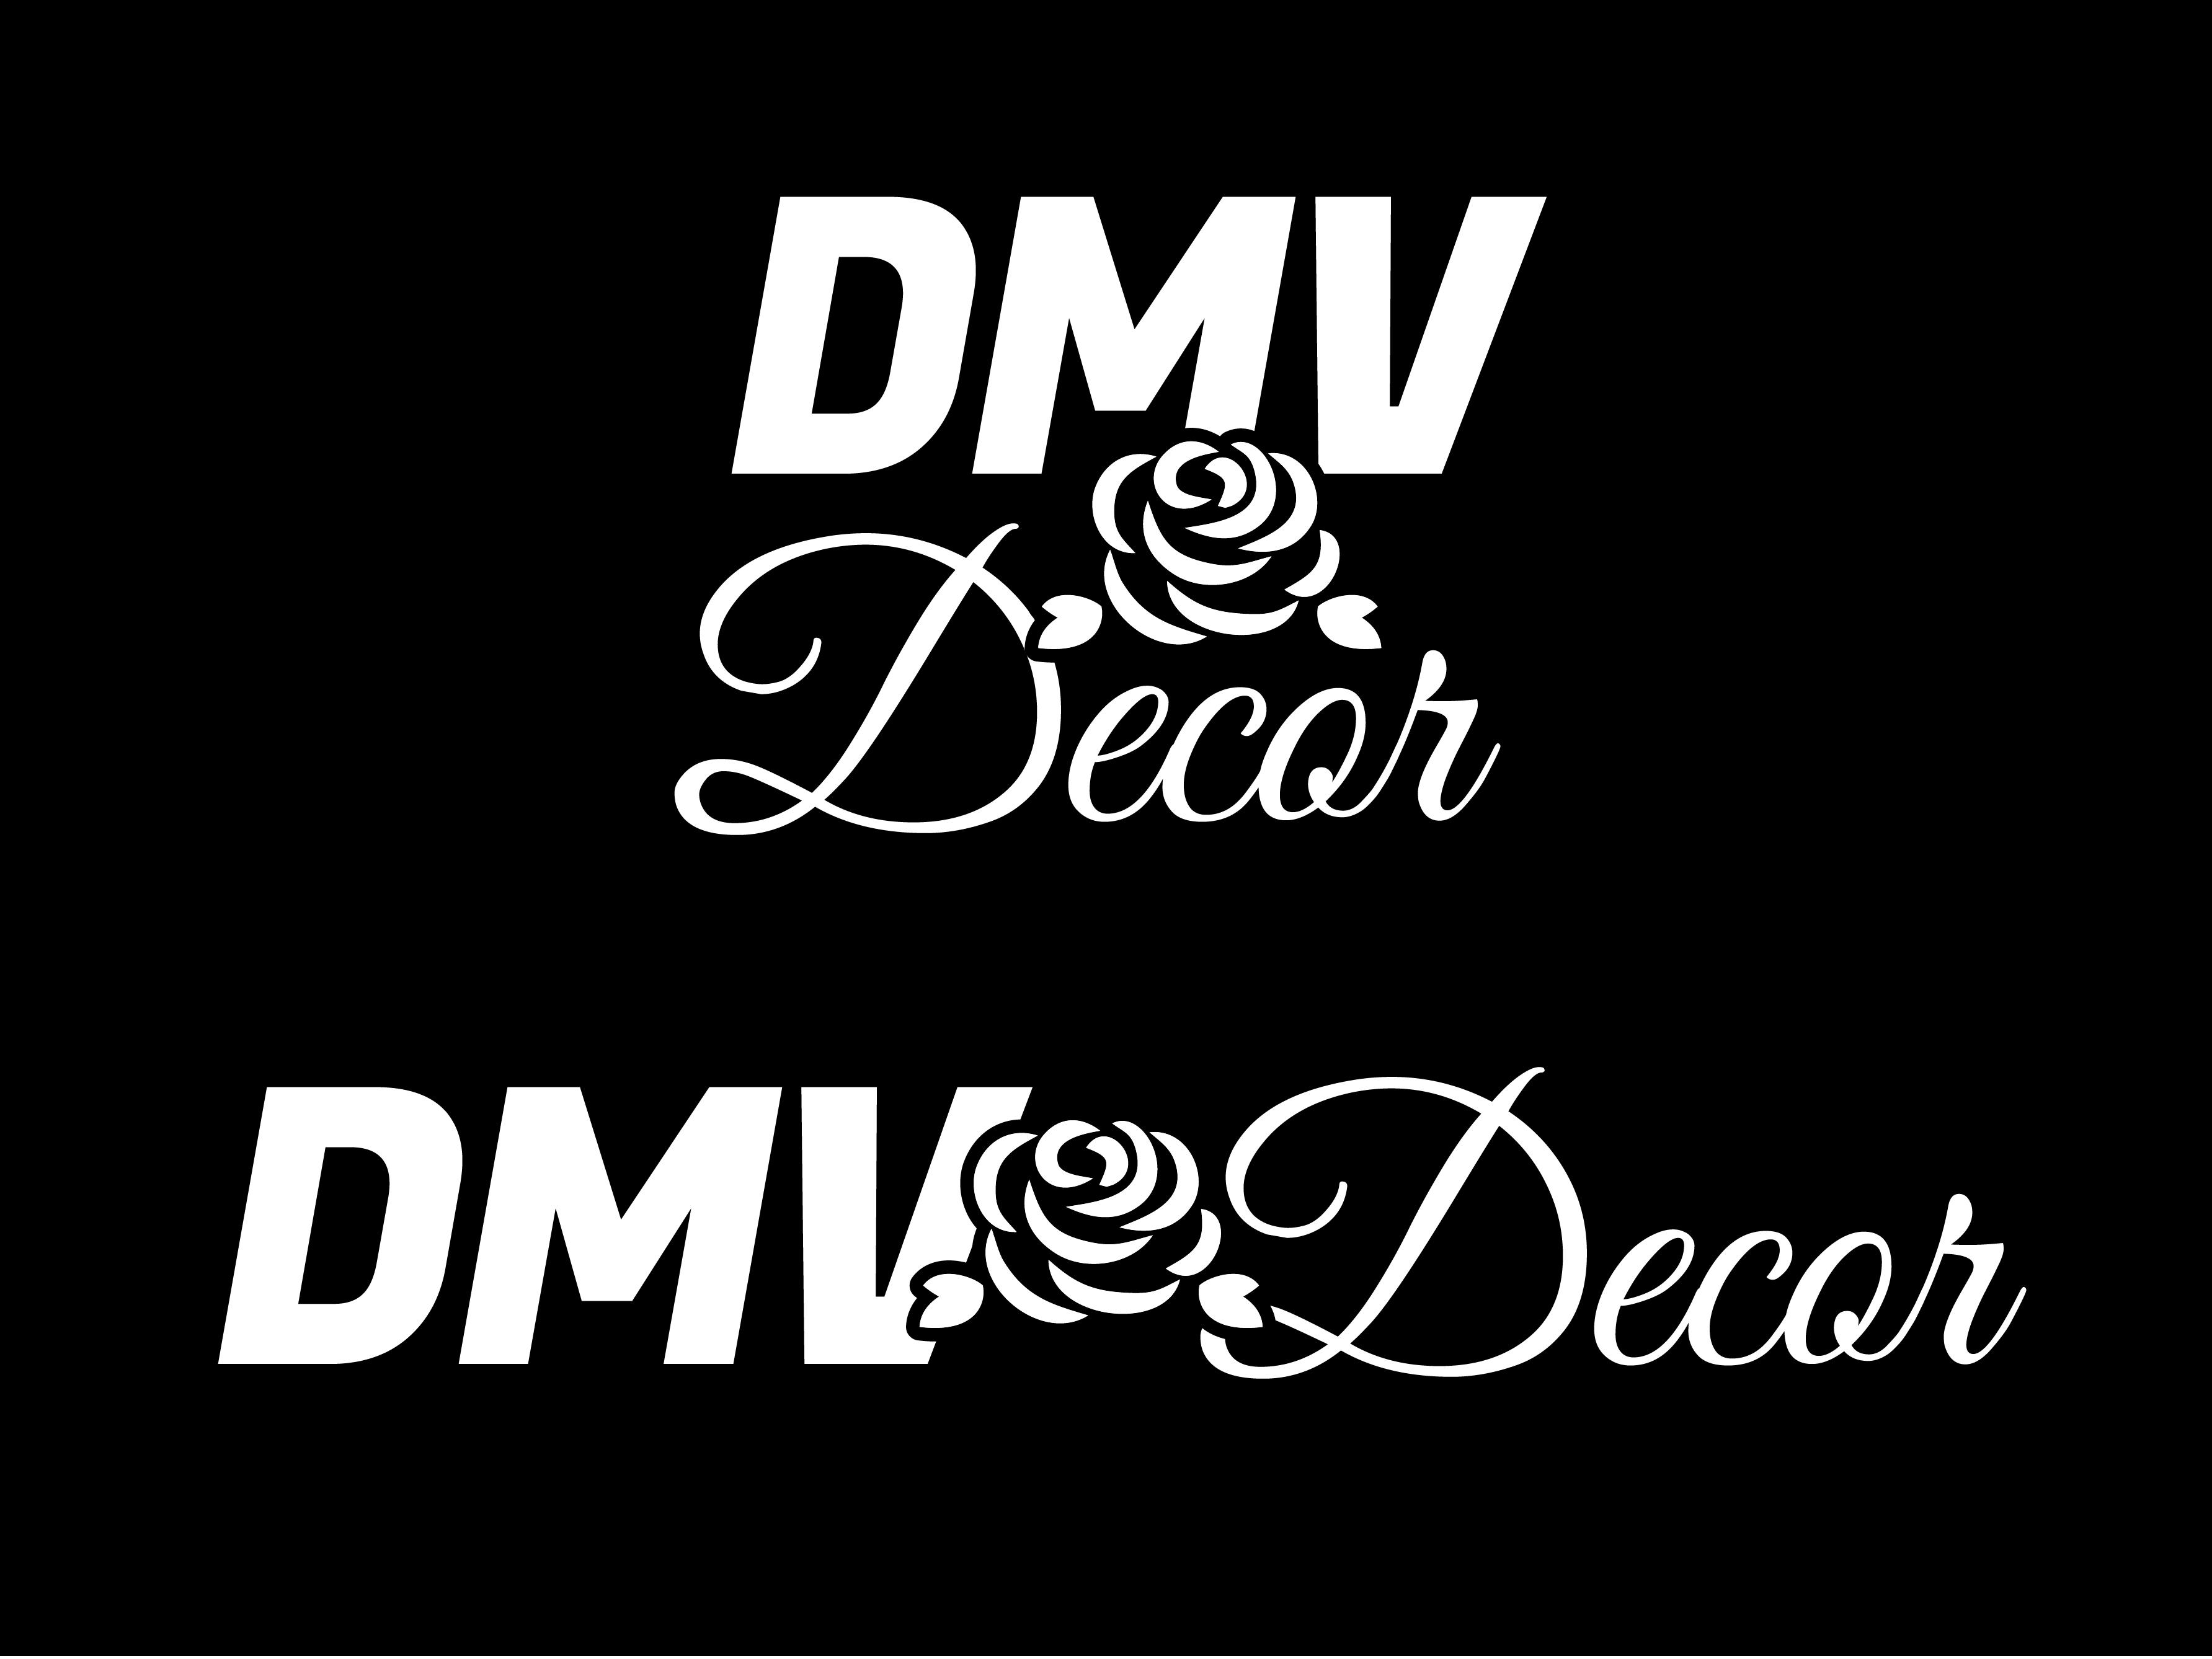 Logo Design by Rob King - Entry No. 20 in the Logo Design Contest dmvdecor Logo Design.